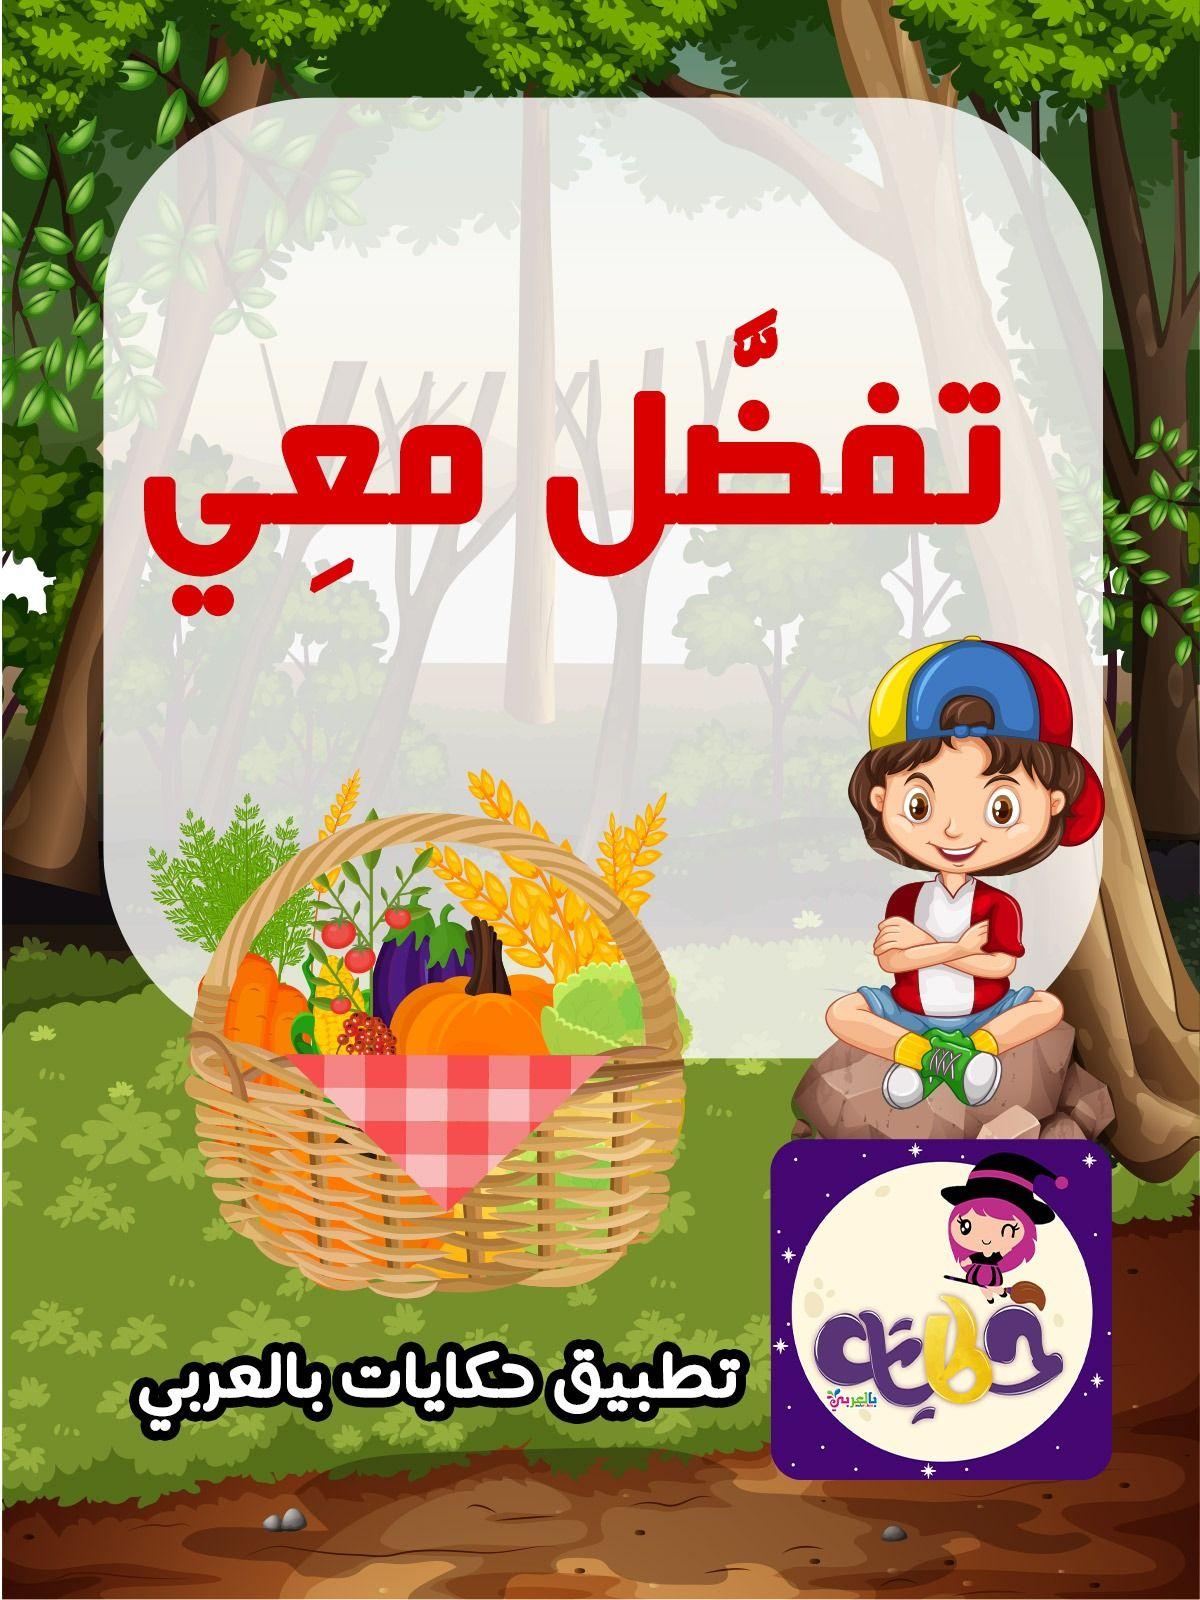 قصة تفضل معي قصة مميزة بتطبيق قصص وحكايات بالعربي قصص حيوانات مصورة للاطفال Soft Wallpaper Wallpaper Cool Stuff